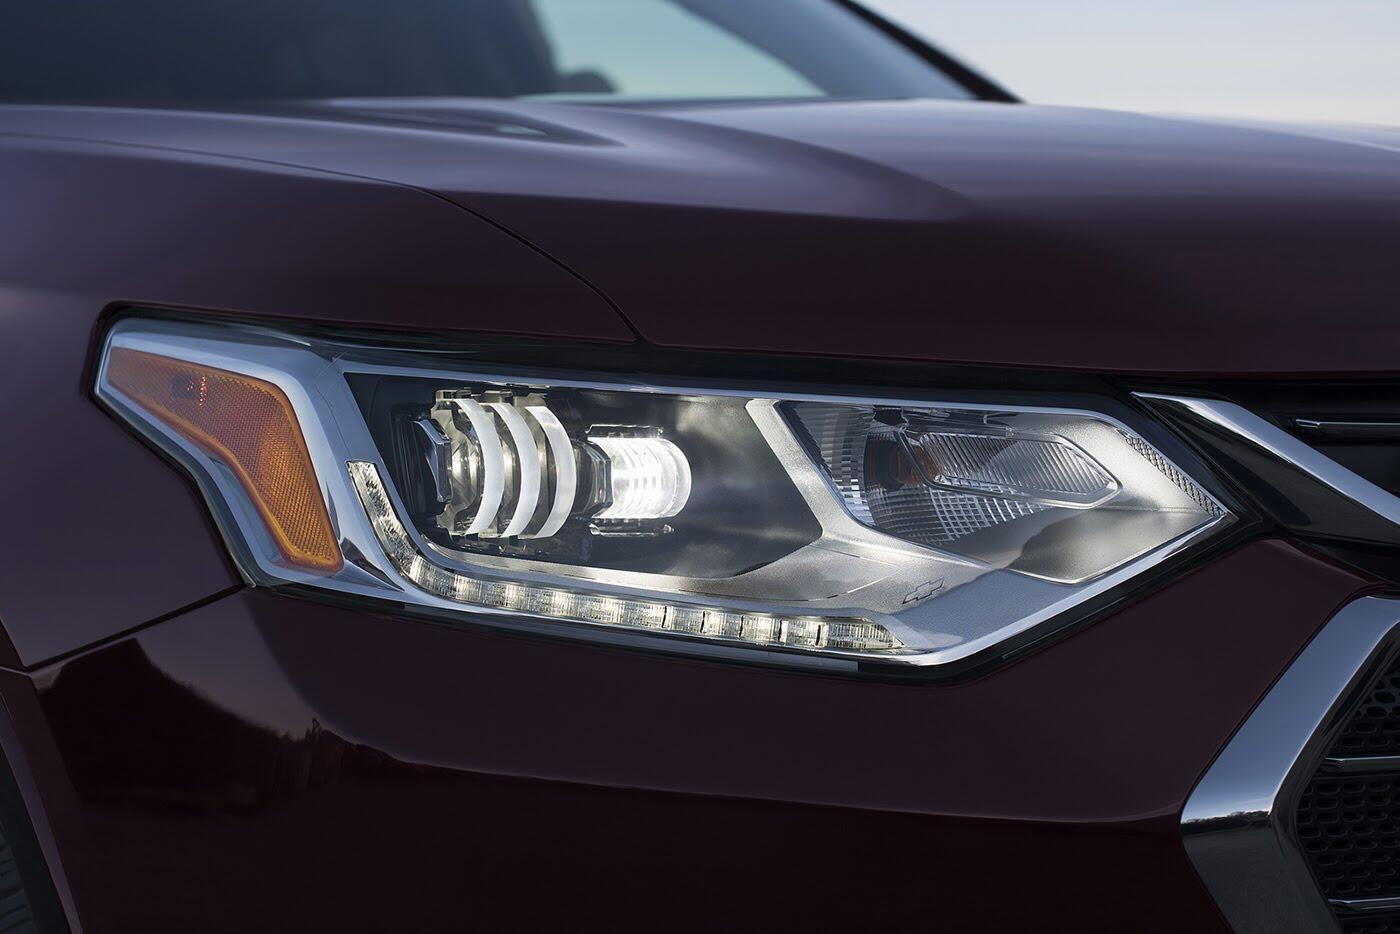 Chevrolet Traverse 2018 - Đối thủ Ford Explorer trình làng - Hình 2